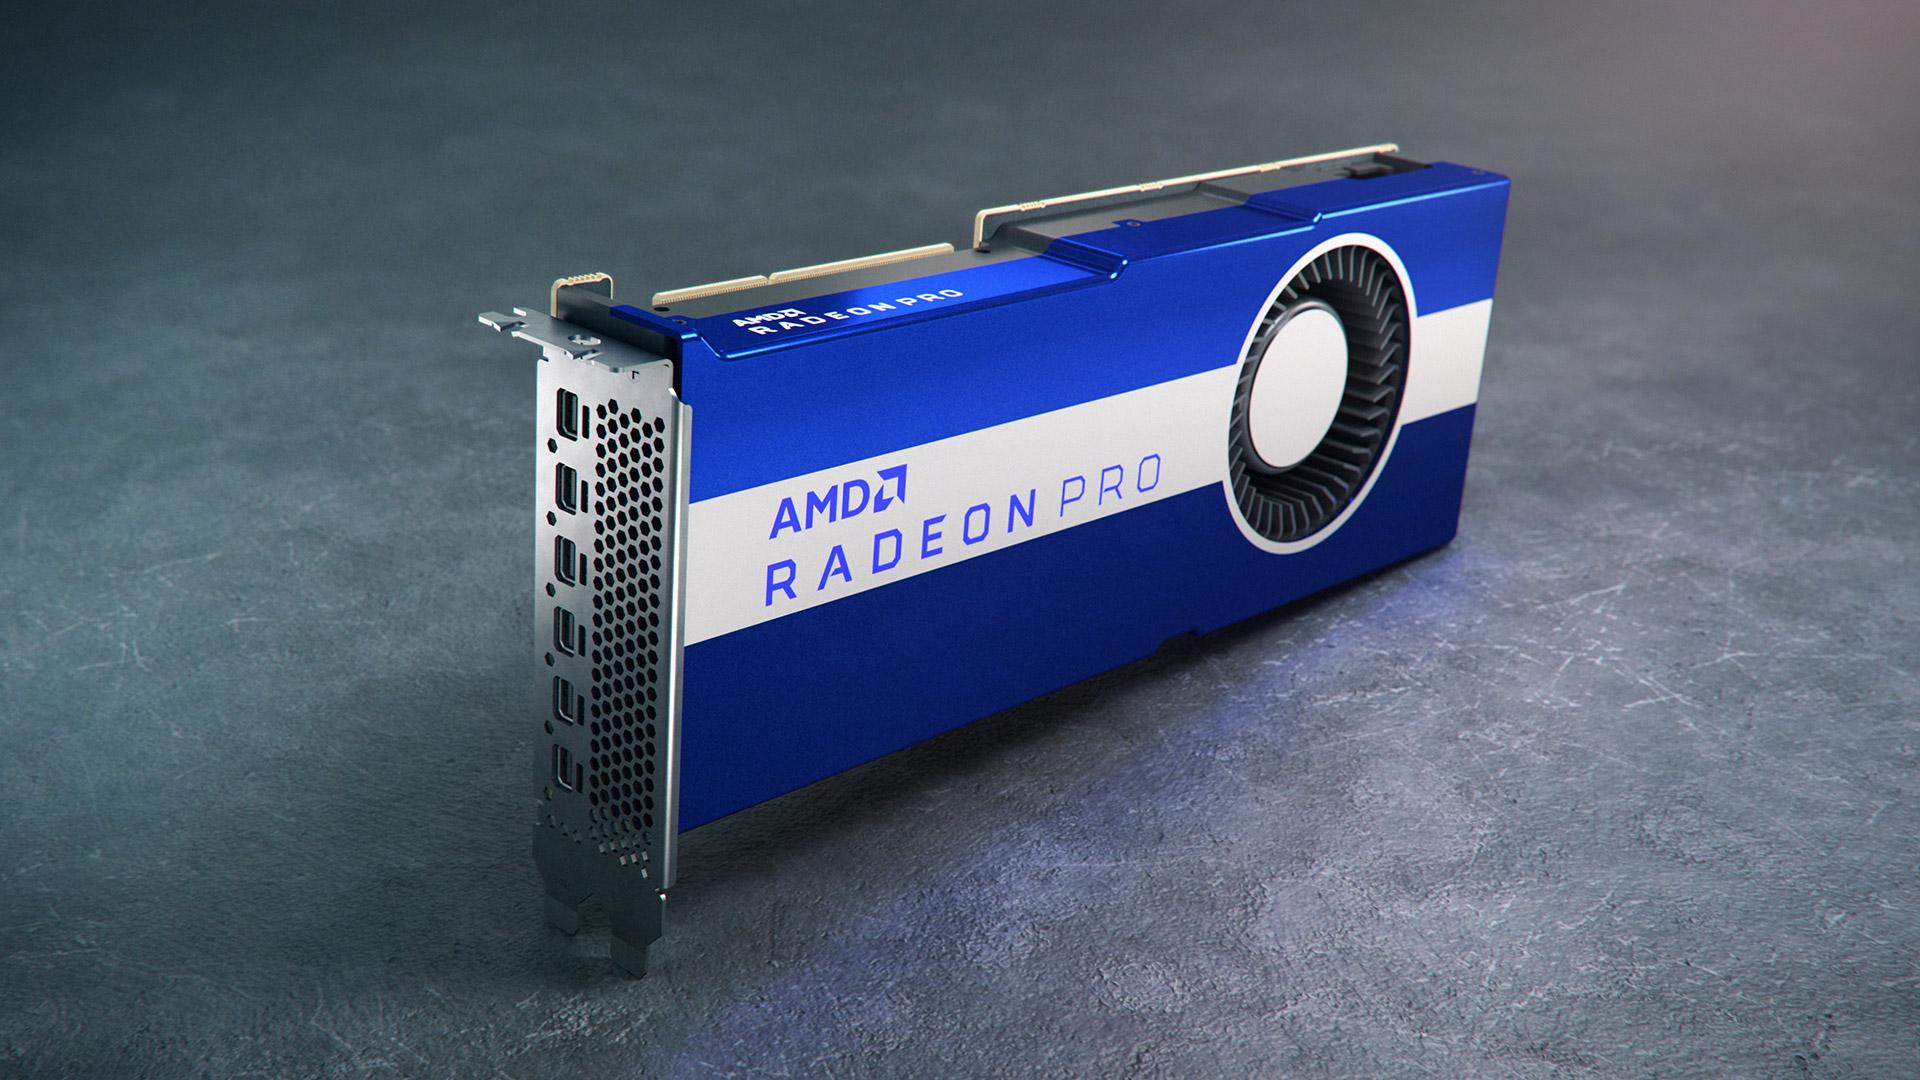 AMD Radeon Pro VII: lantokietako txartel grafiko baten aurkezpena